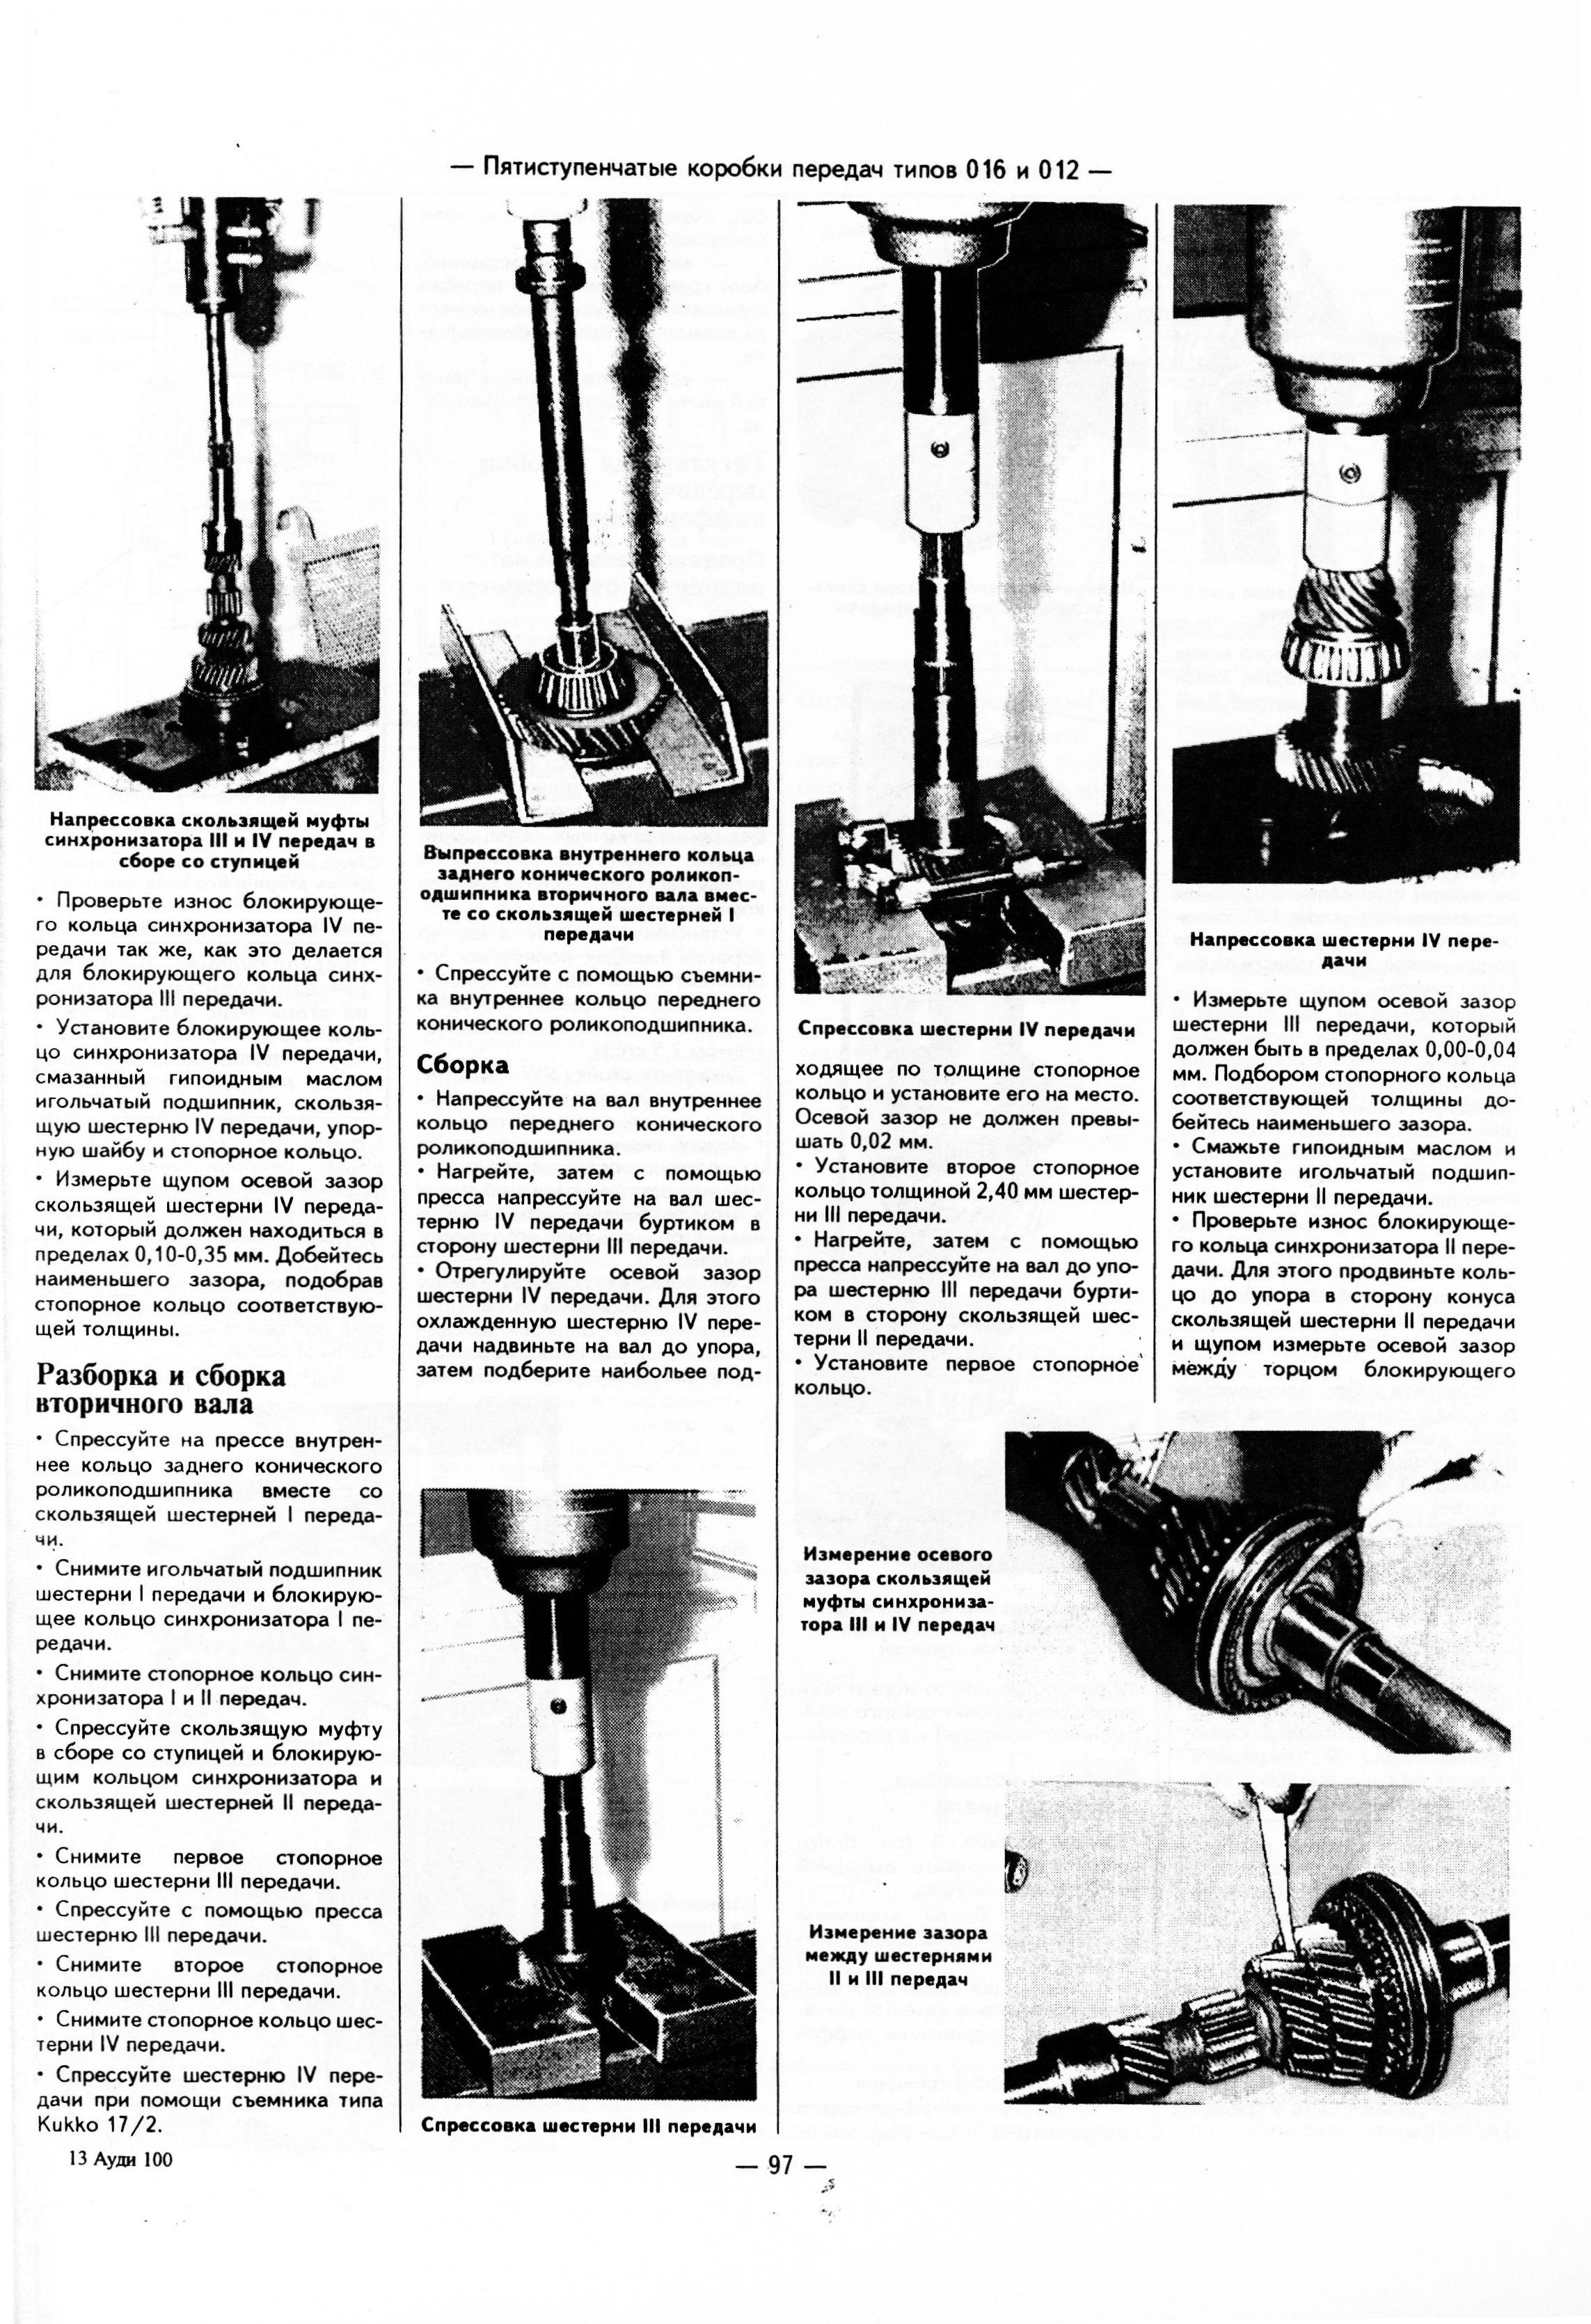 книга по эксплуатации и ремонту ауди 100 1983 года